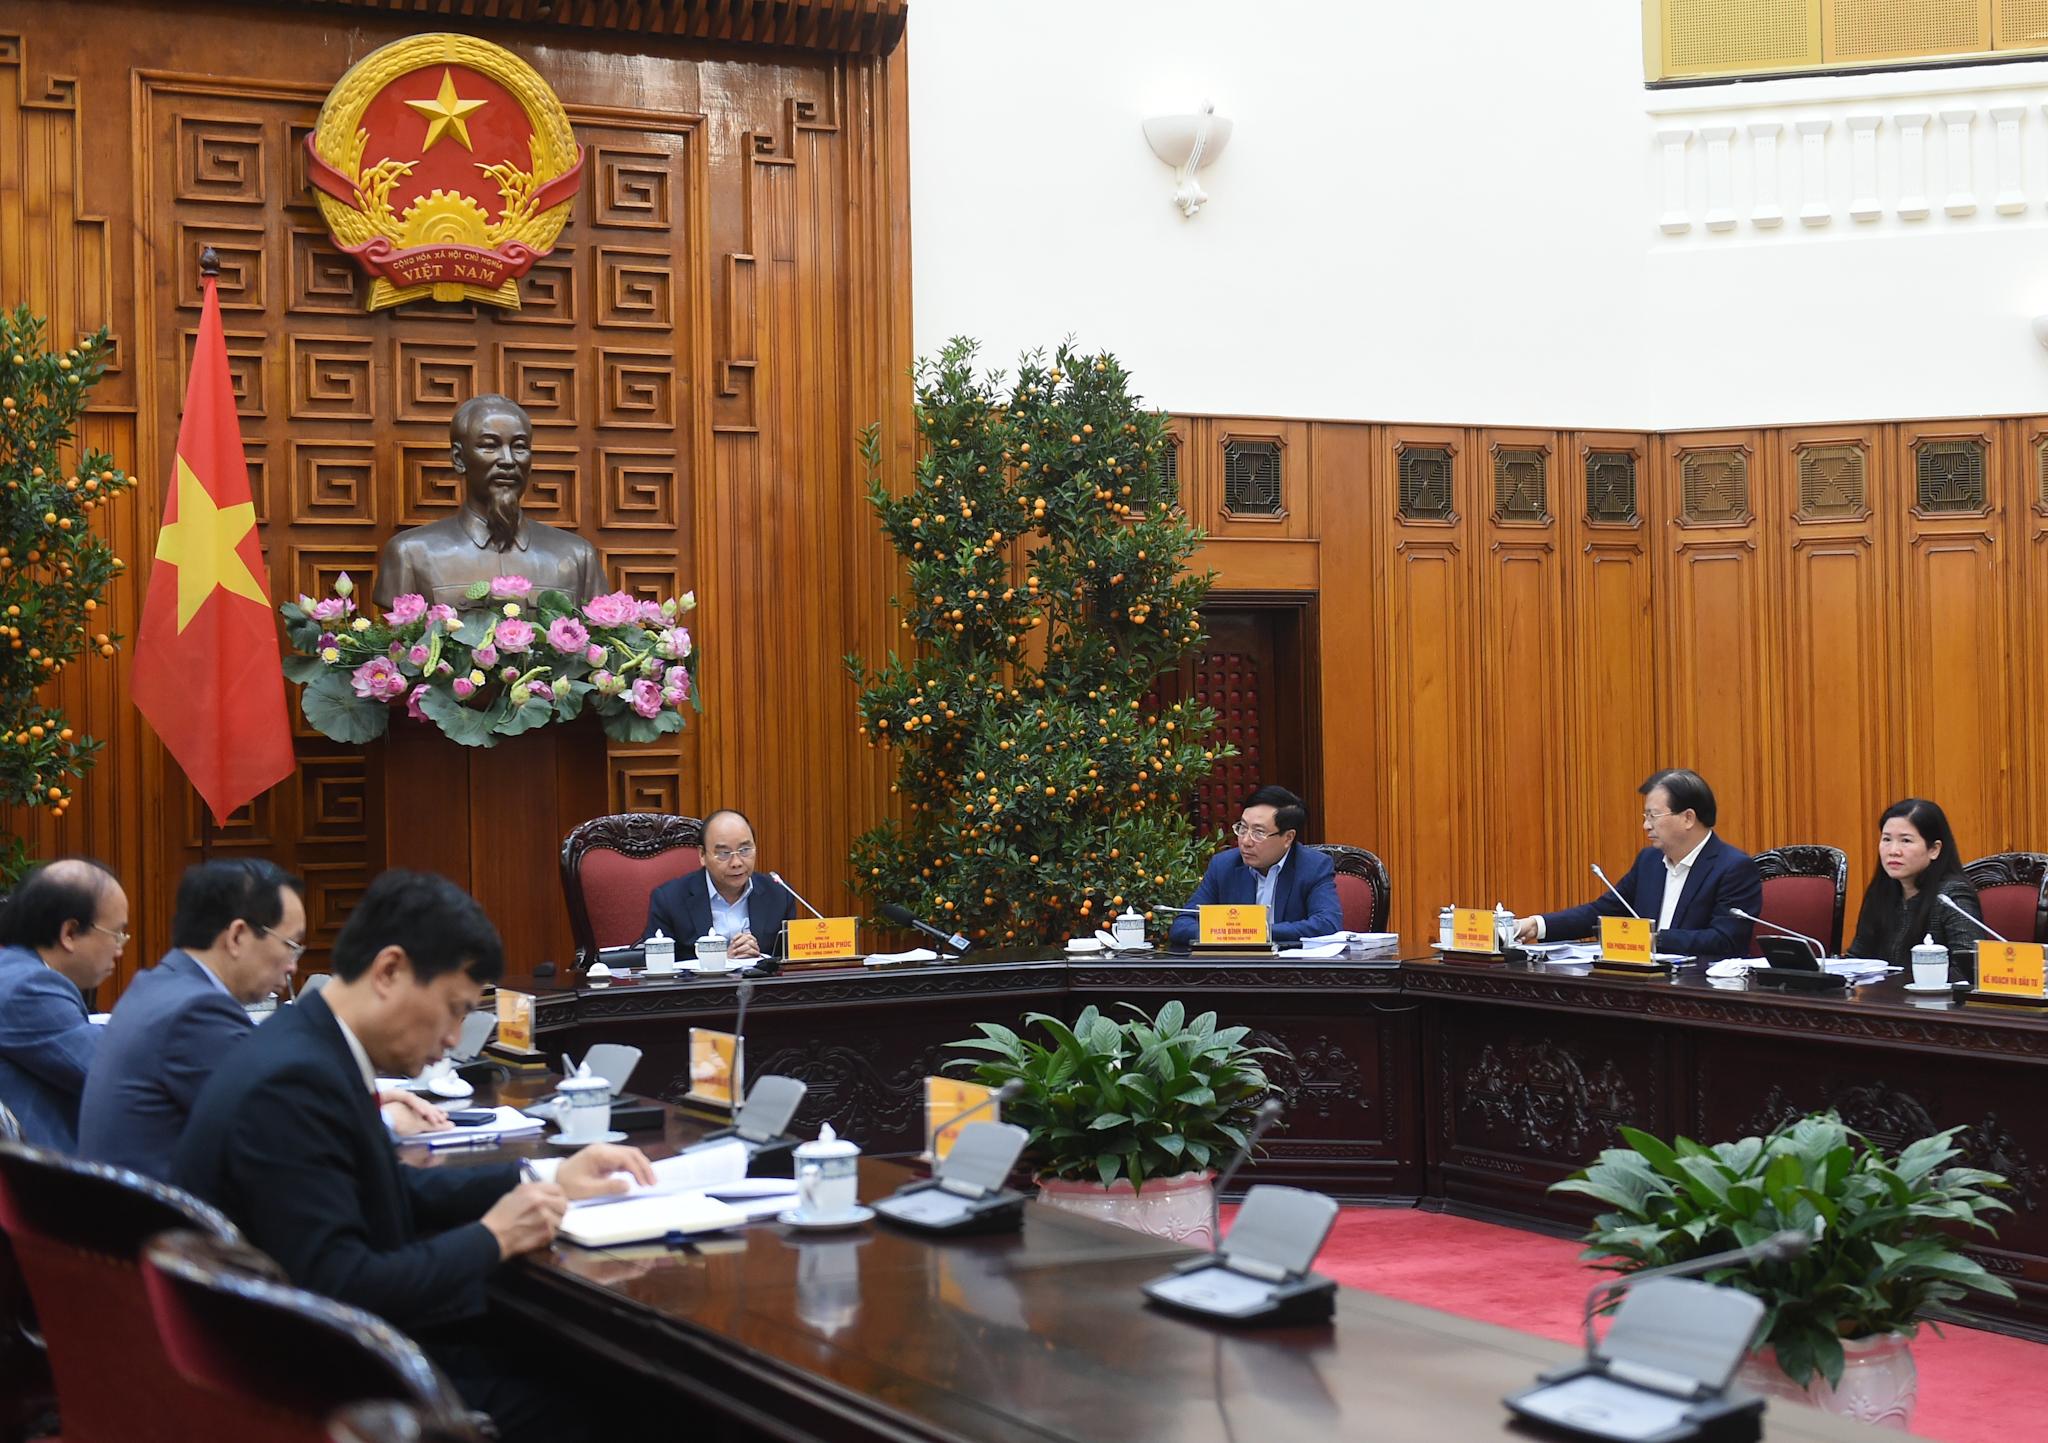 Toàn cảnh Phiên họp Thường trực Chính phủ ngày 3/3. Ảnh: VGP/Quang Hiếu